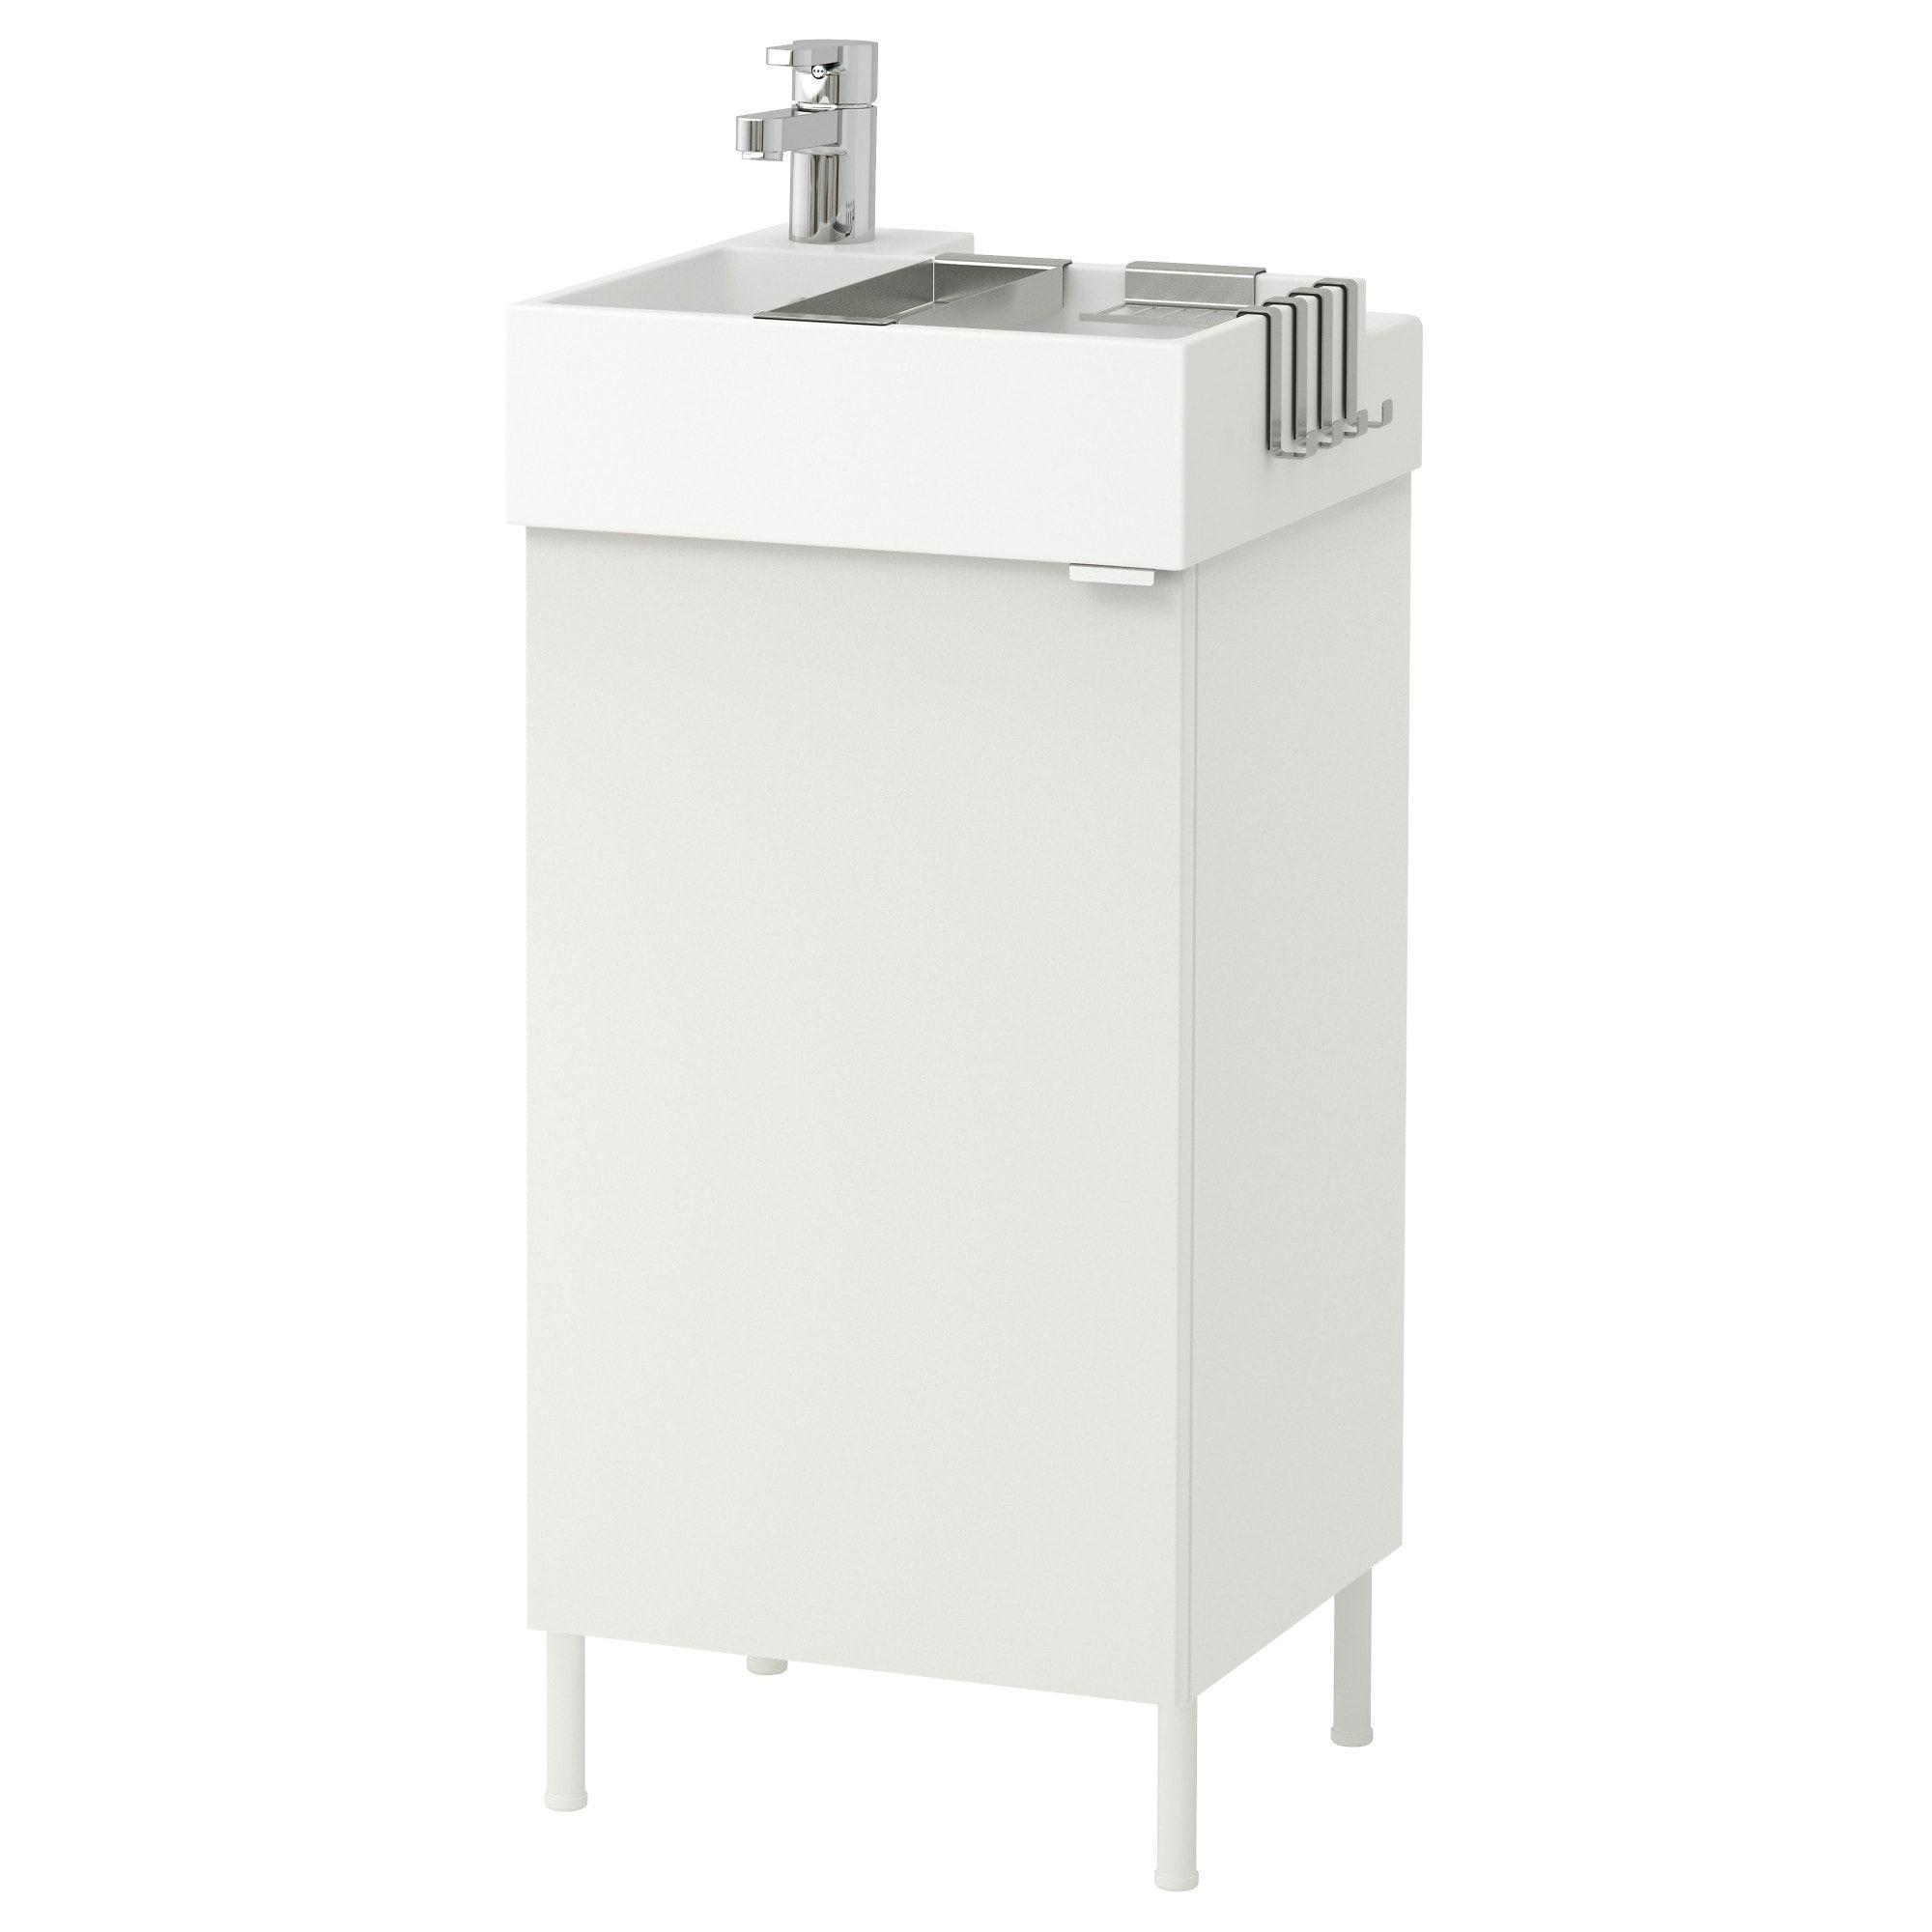 LILLÅNGEN Waschtischunterschrank mit 1 Tür   weiß, Ensen ...